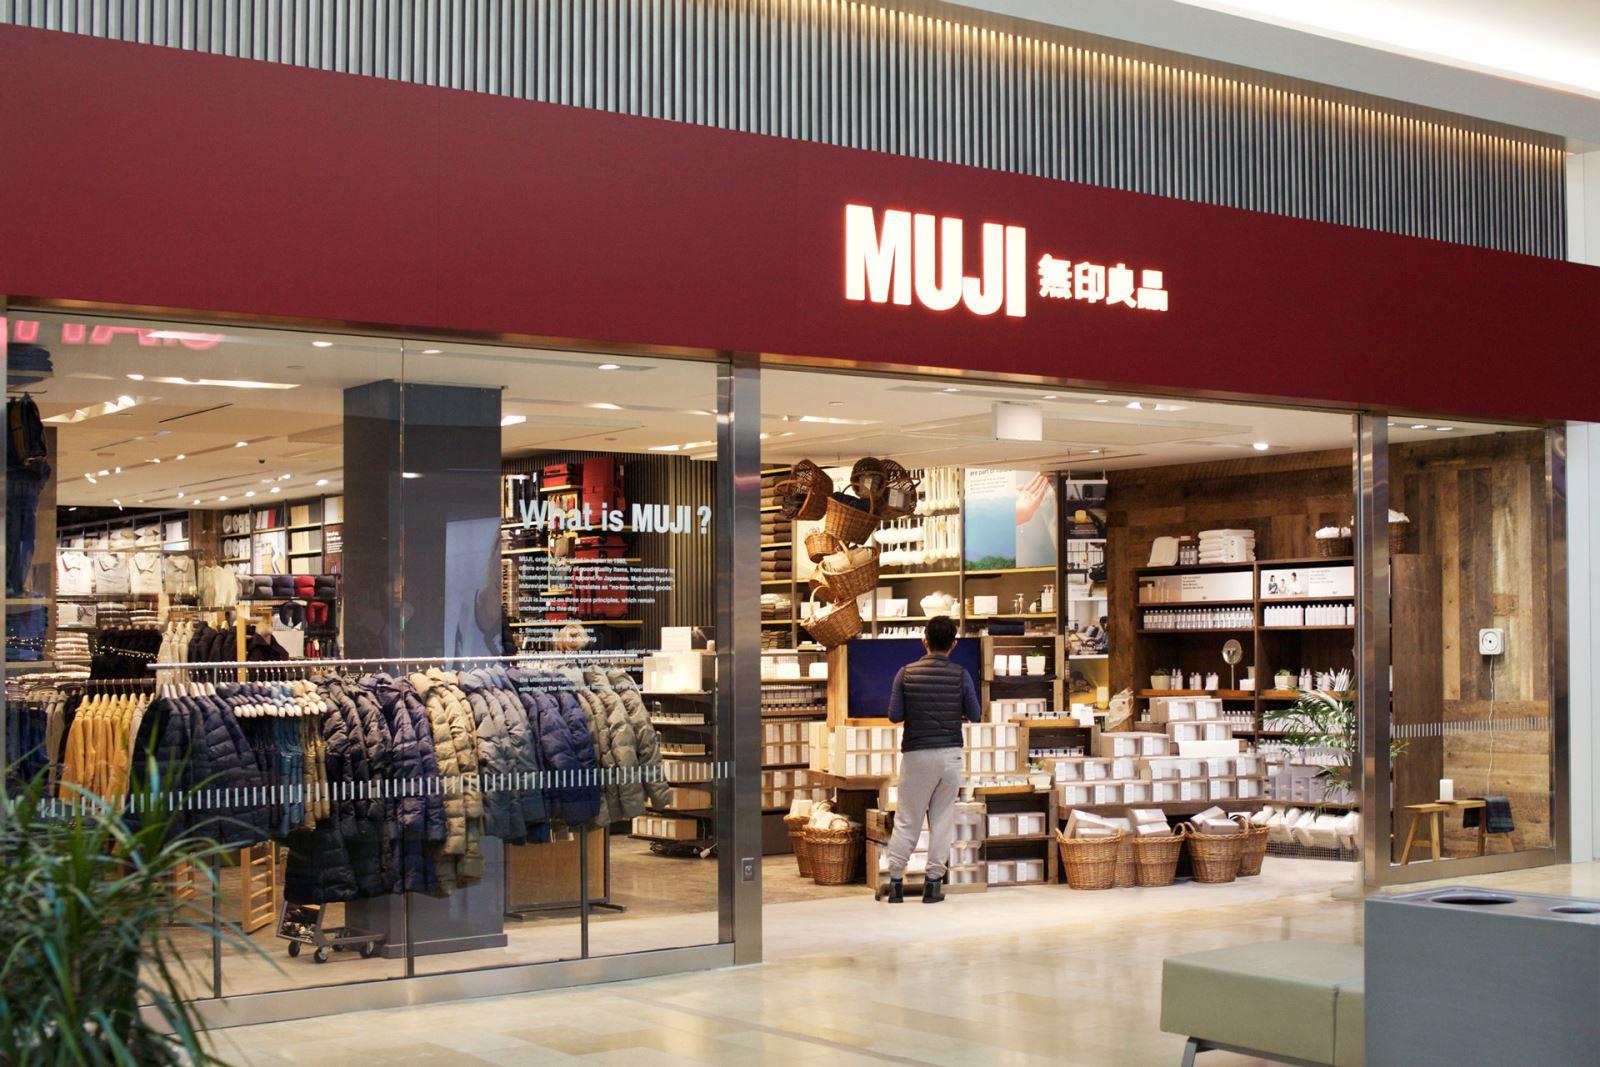 Cửa hàng Muji tại Nhật Bản